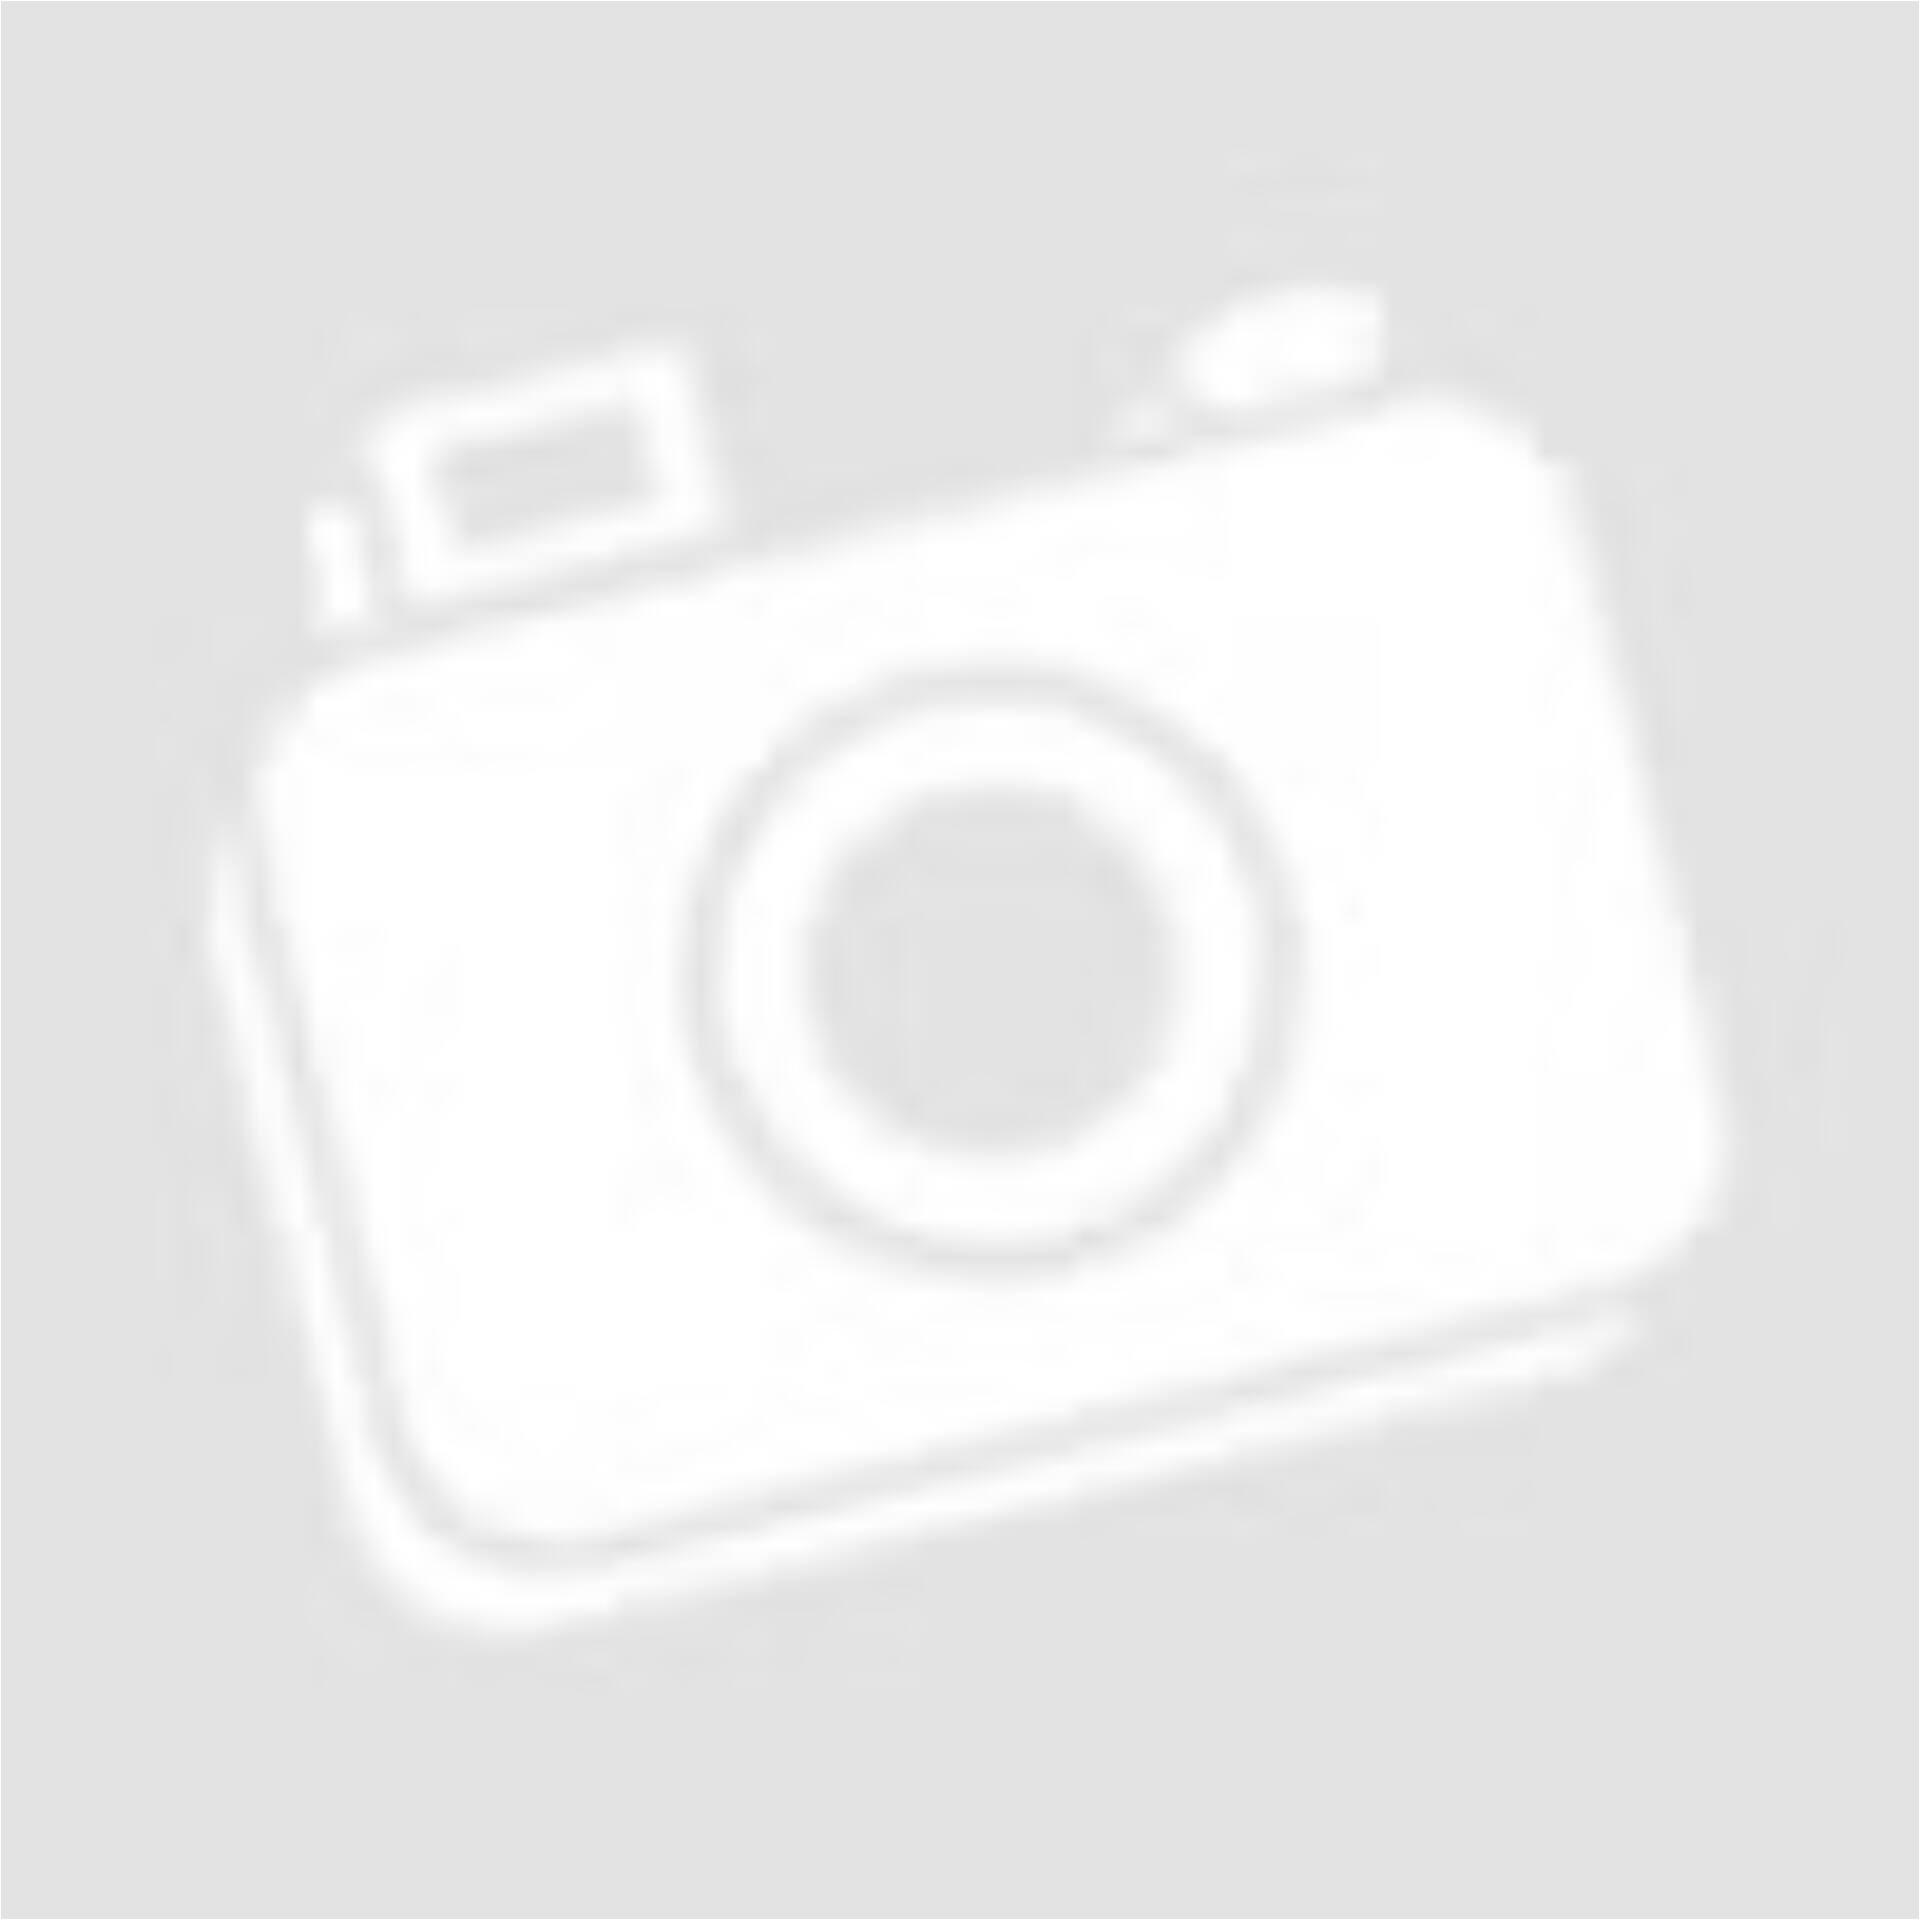 aabe383cd4 ZIZI fekete műbőr kabát (Méret: XXXL+) - Női dzseki, kabát, blézer ...